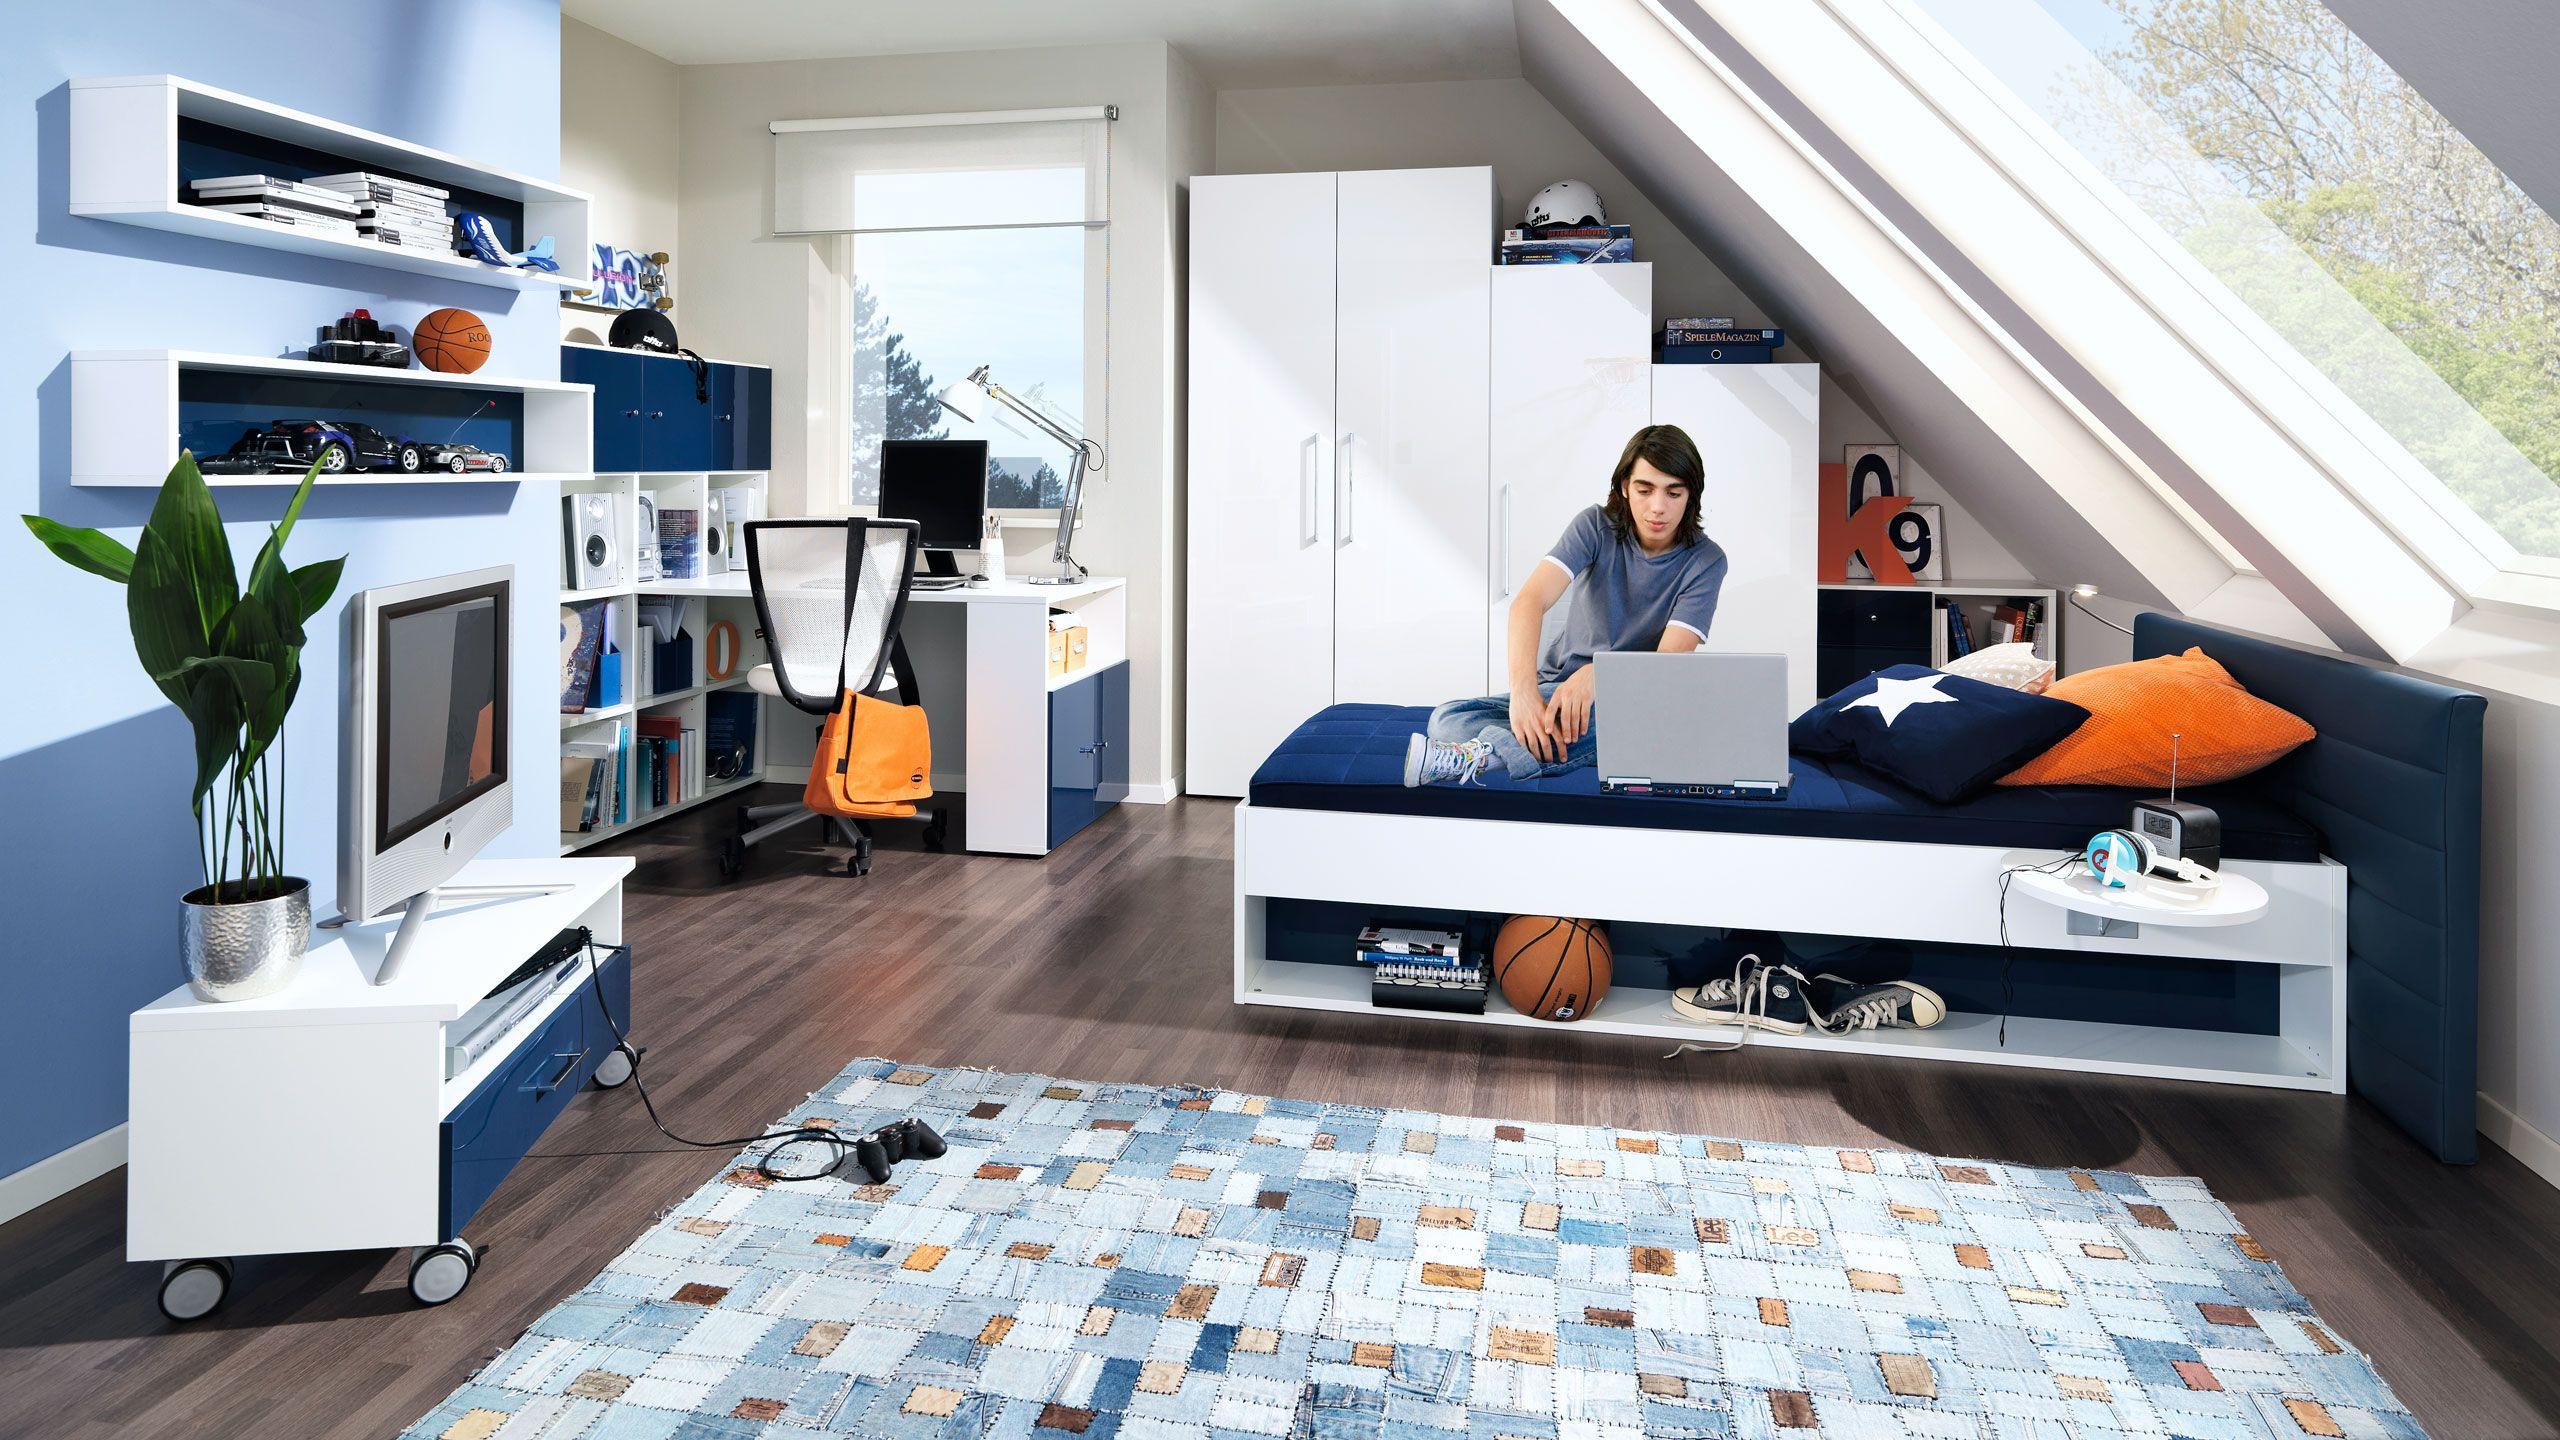 praktische wohnwelt mobel interliving hugelmann lahr freiburg offenburg kuche kombinationen mit mobeln